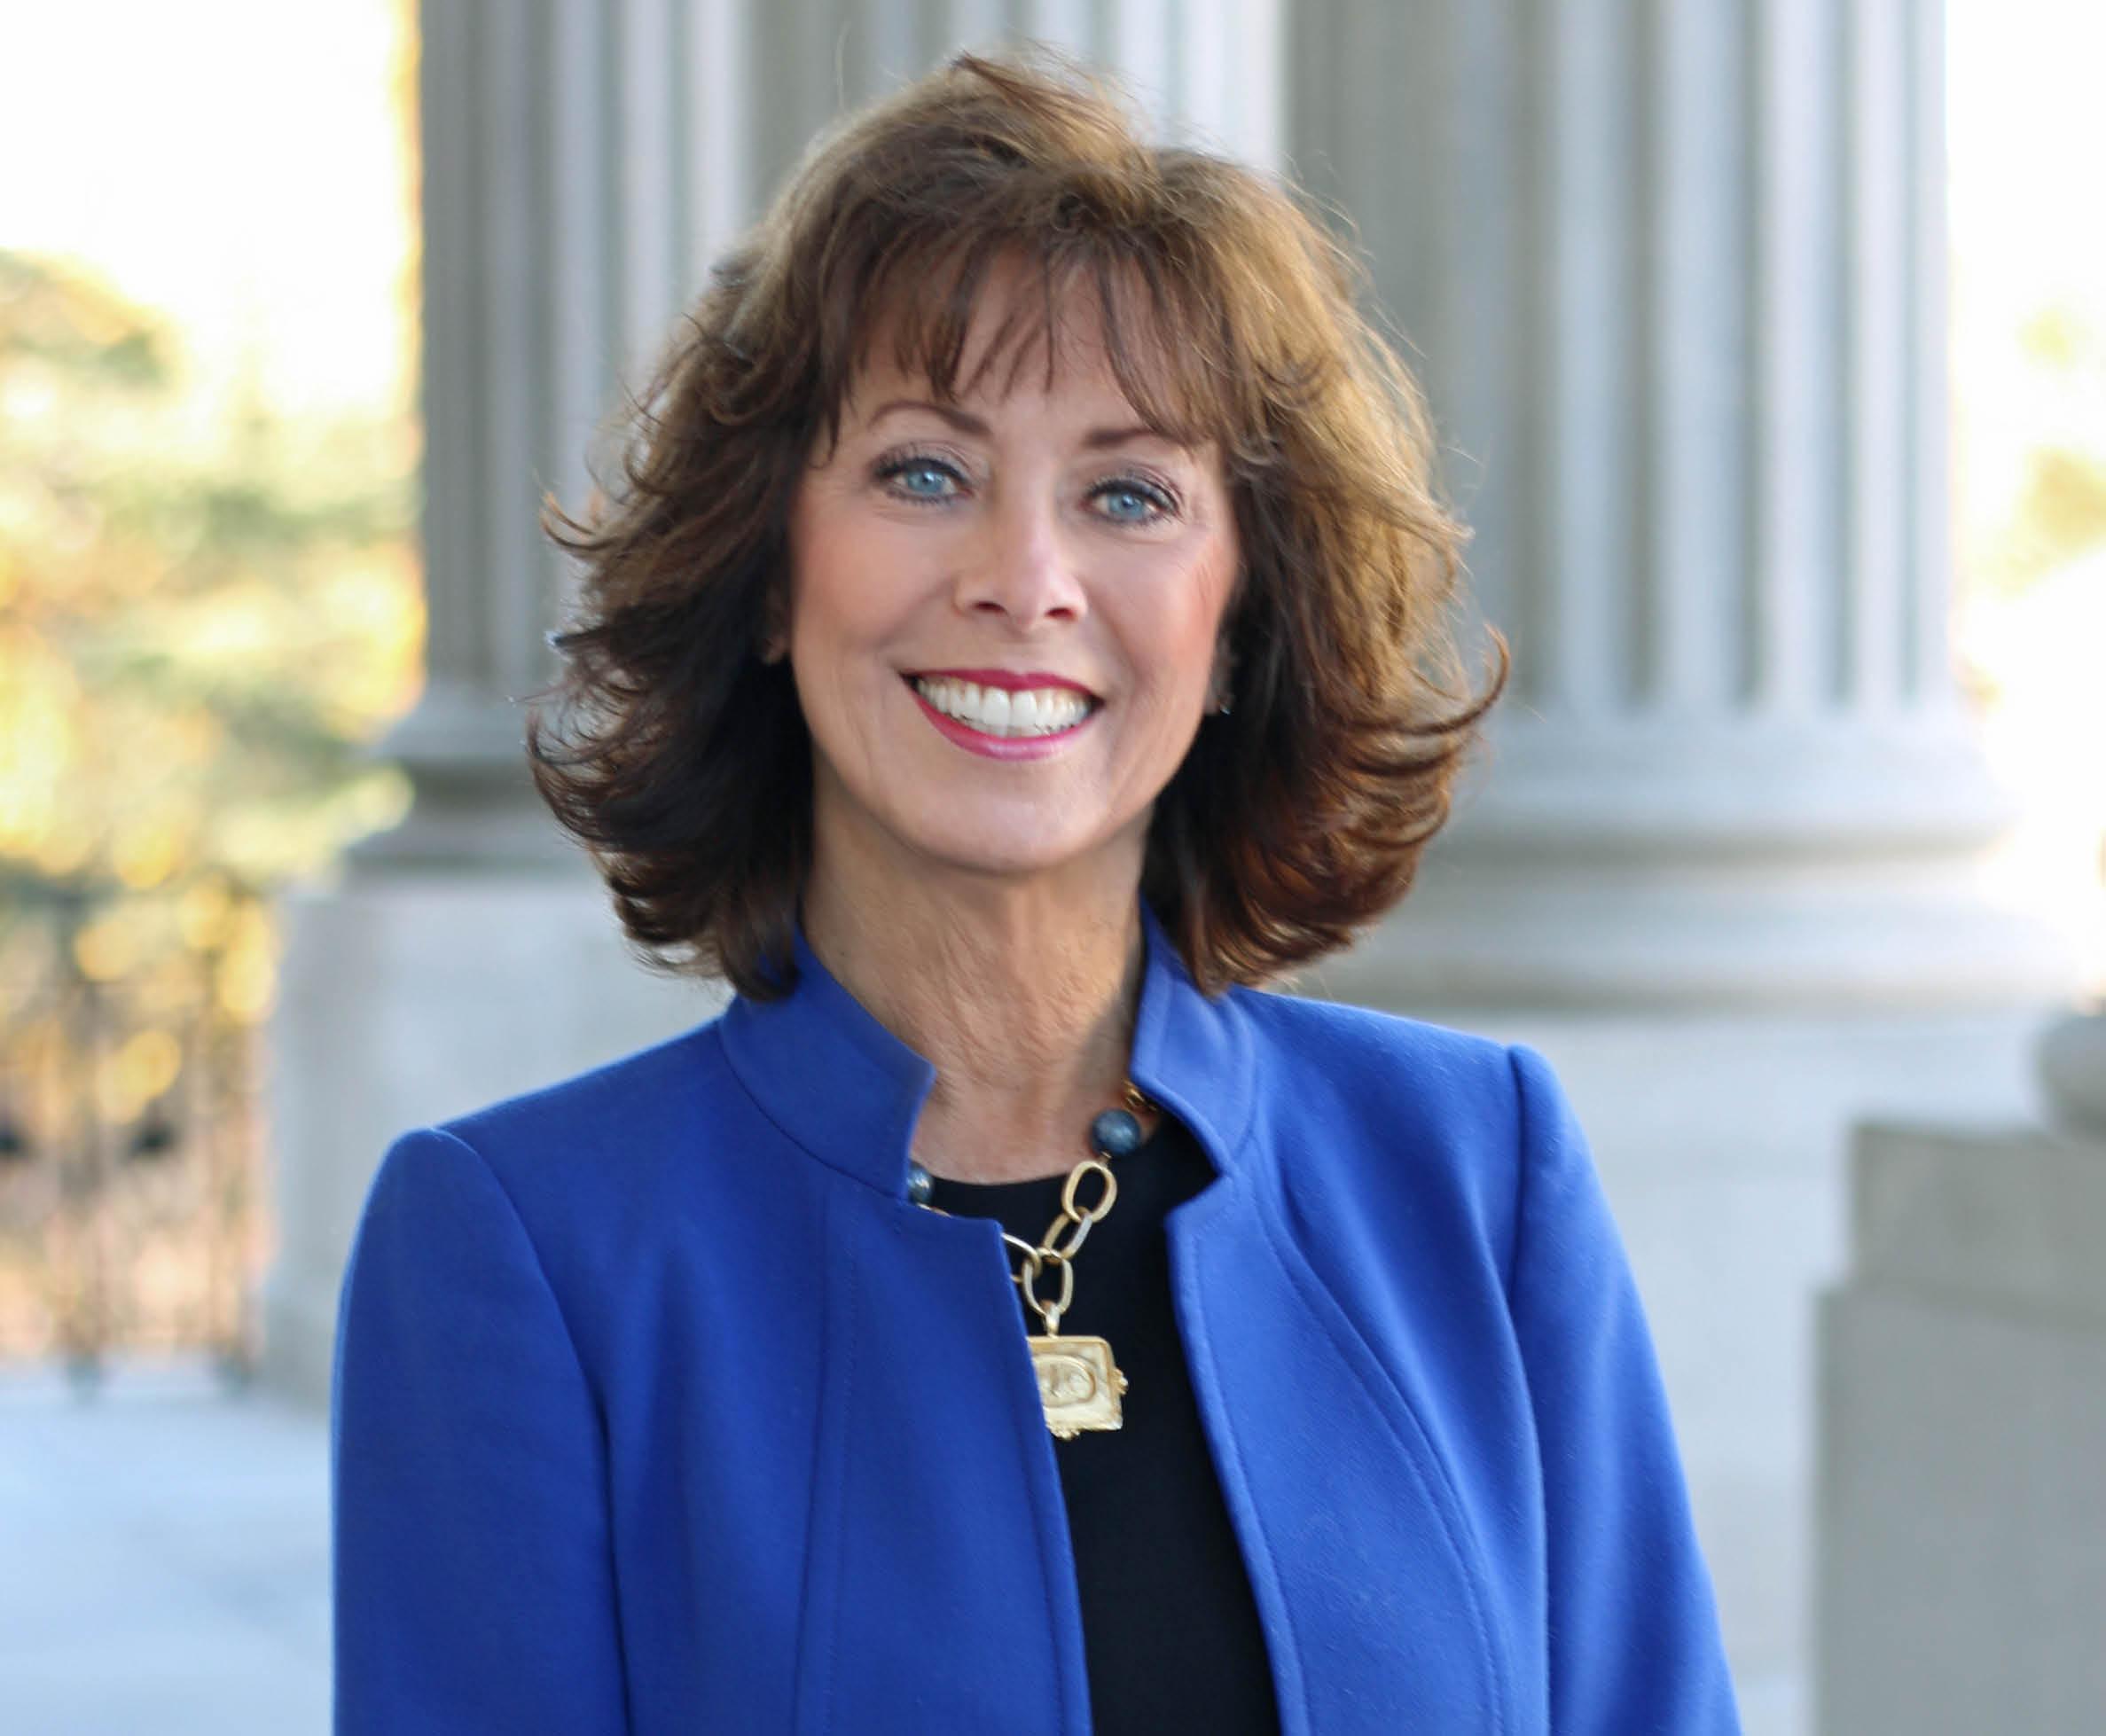 Susan Vaughan McPherson